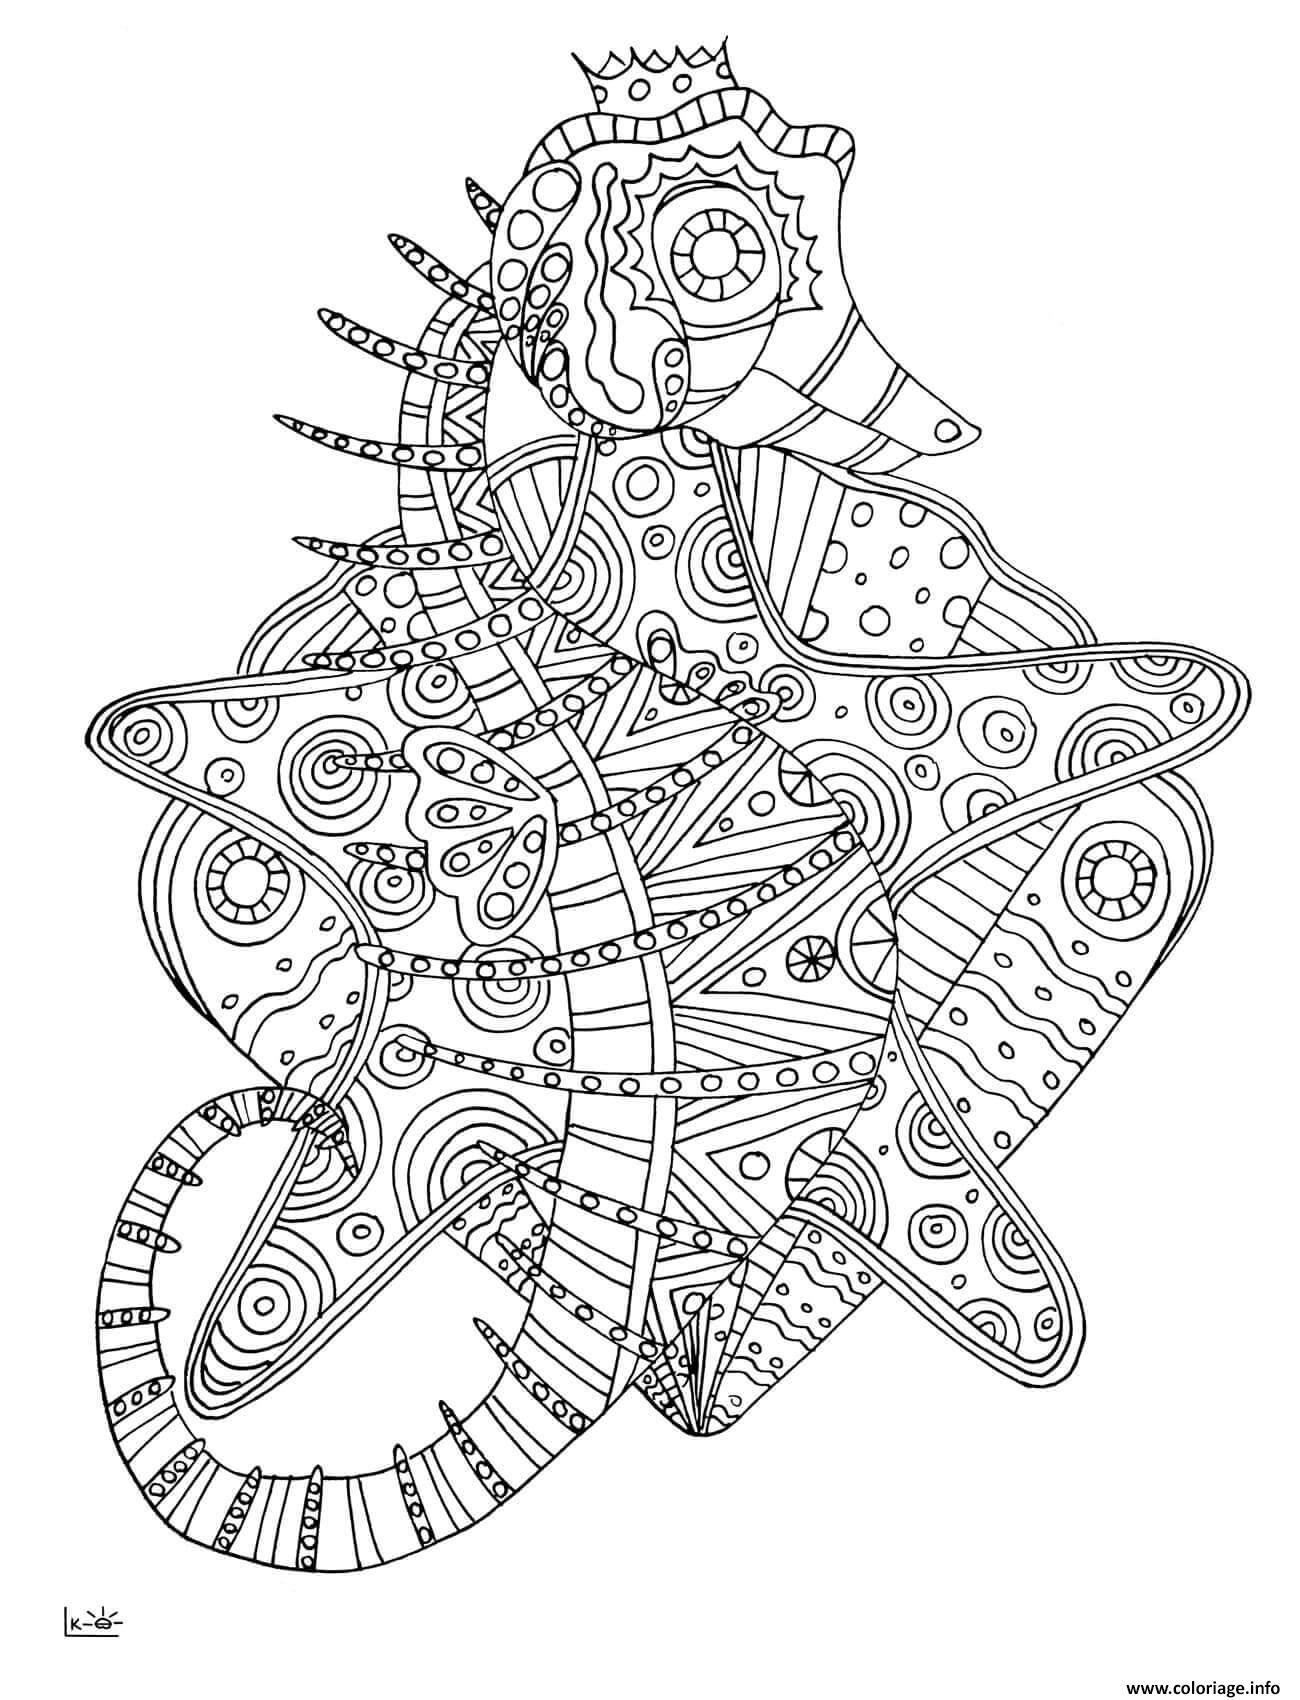 Dessin seahorse with tribal pattern adulte Coloriage Gratuit à Imprimer